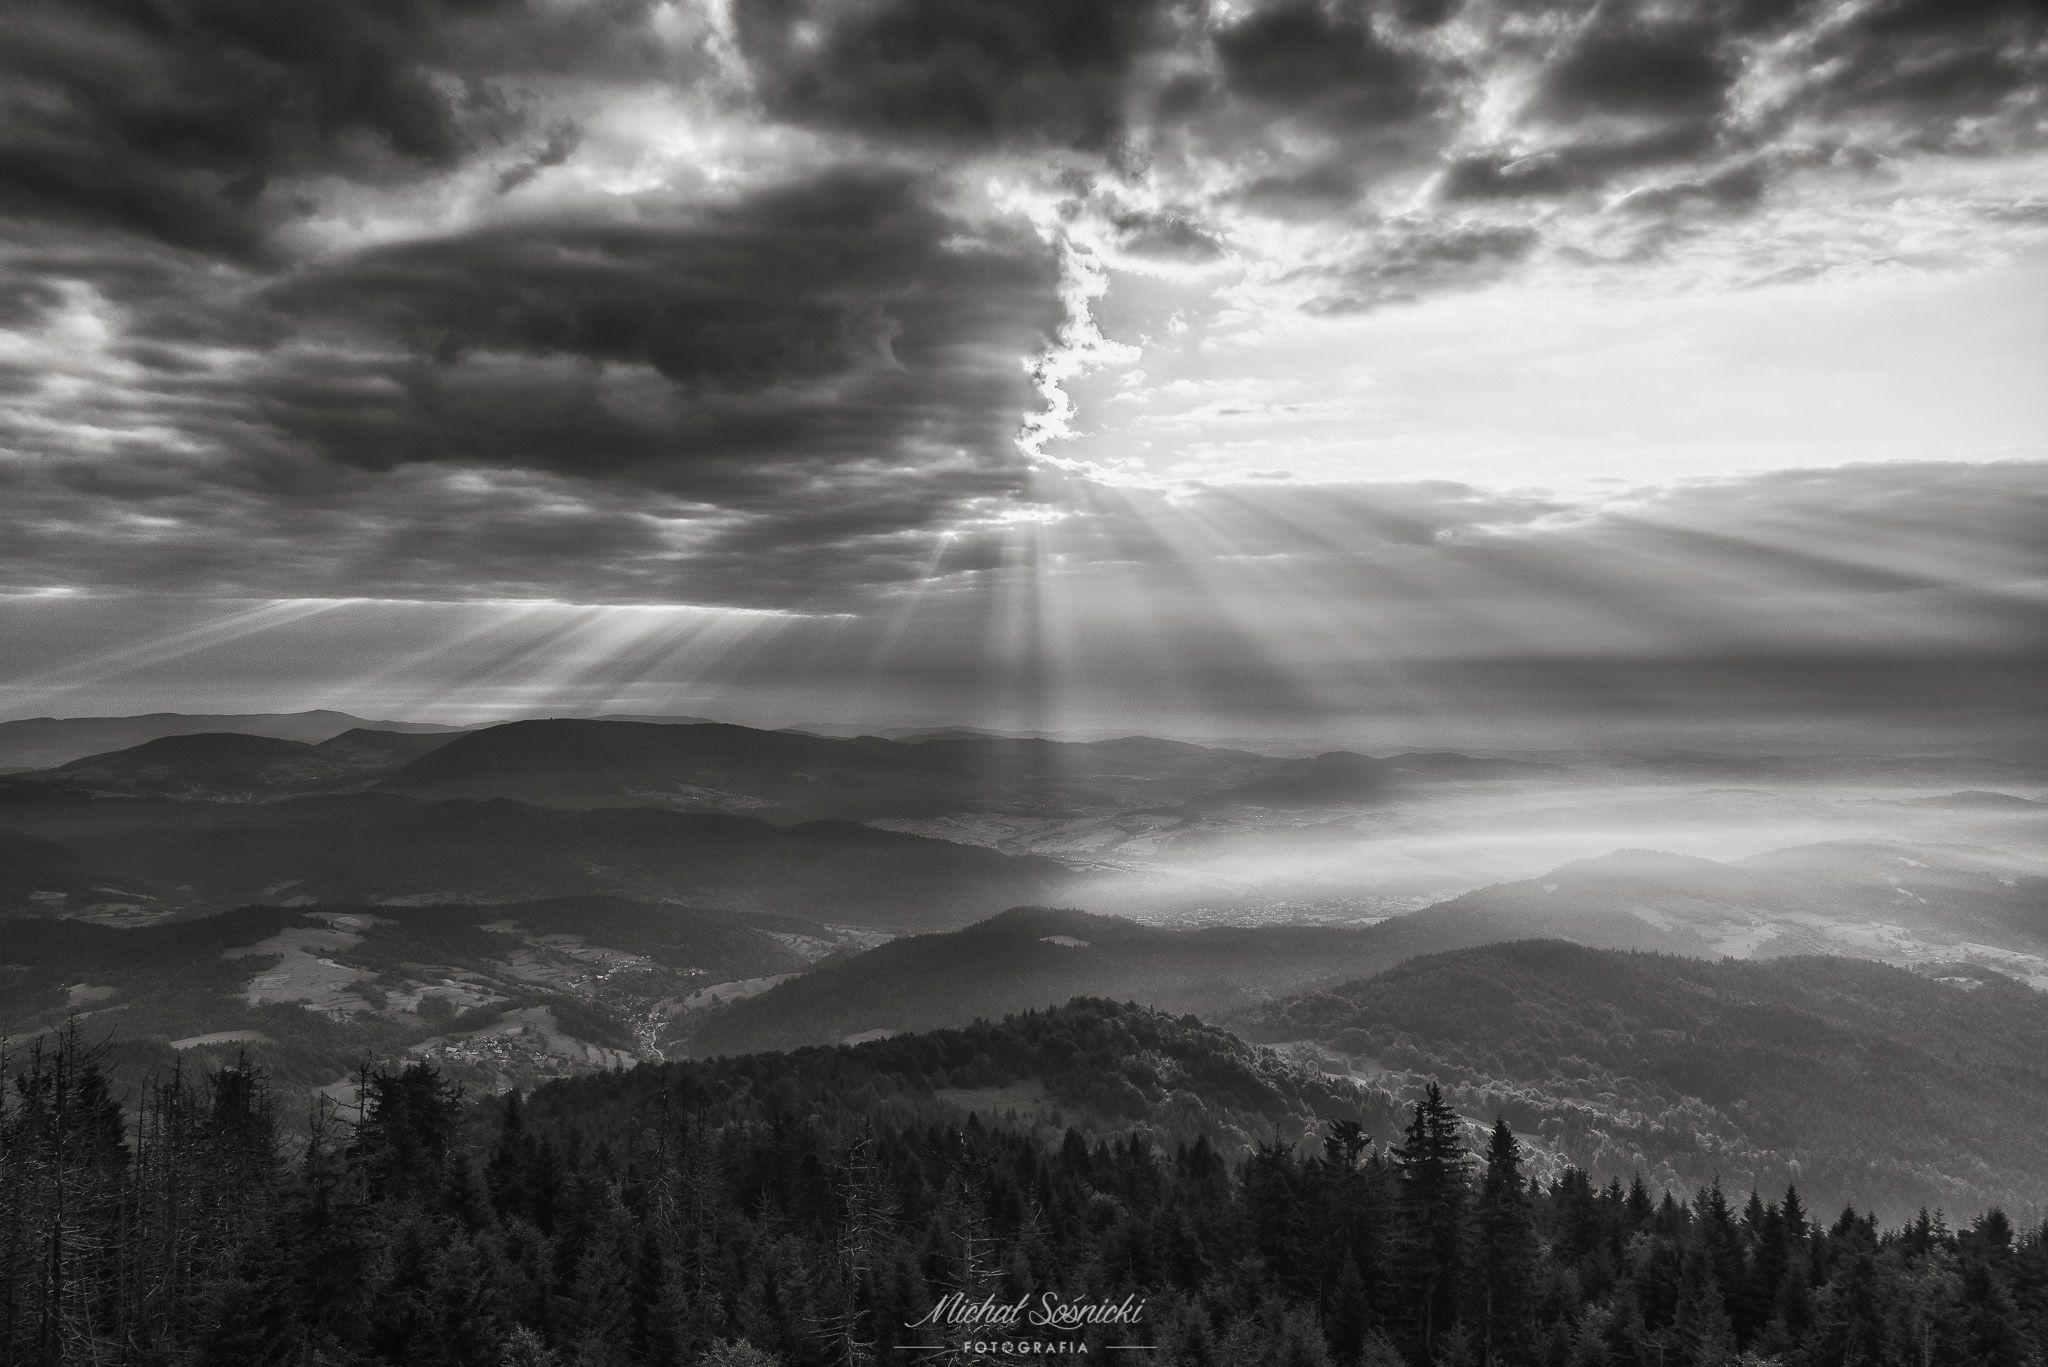 #annunciation #sky #sunrise #best #cloudy #poland #mountains, Sośnicki Michał